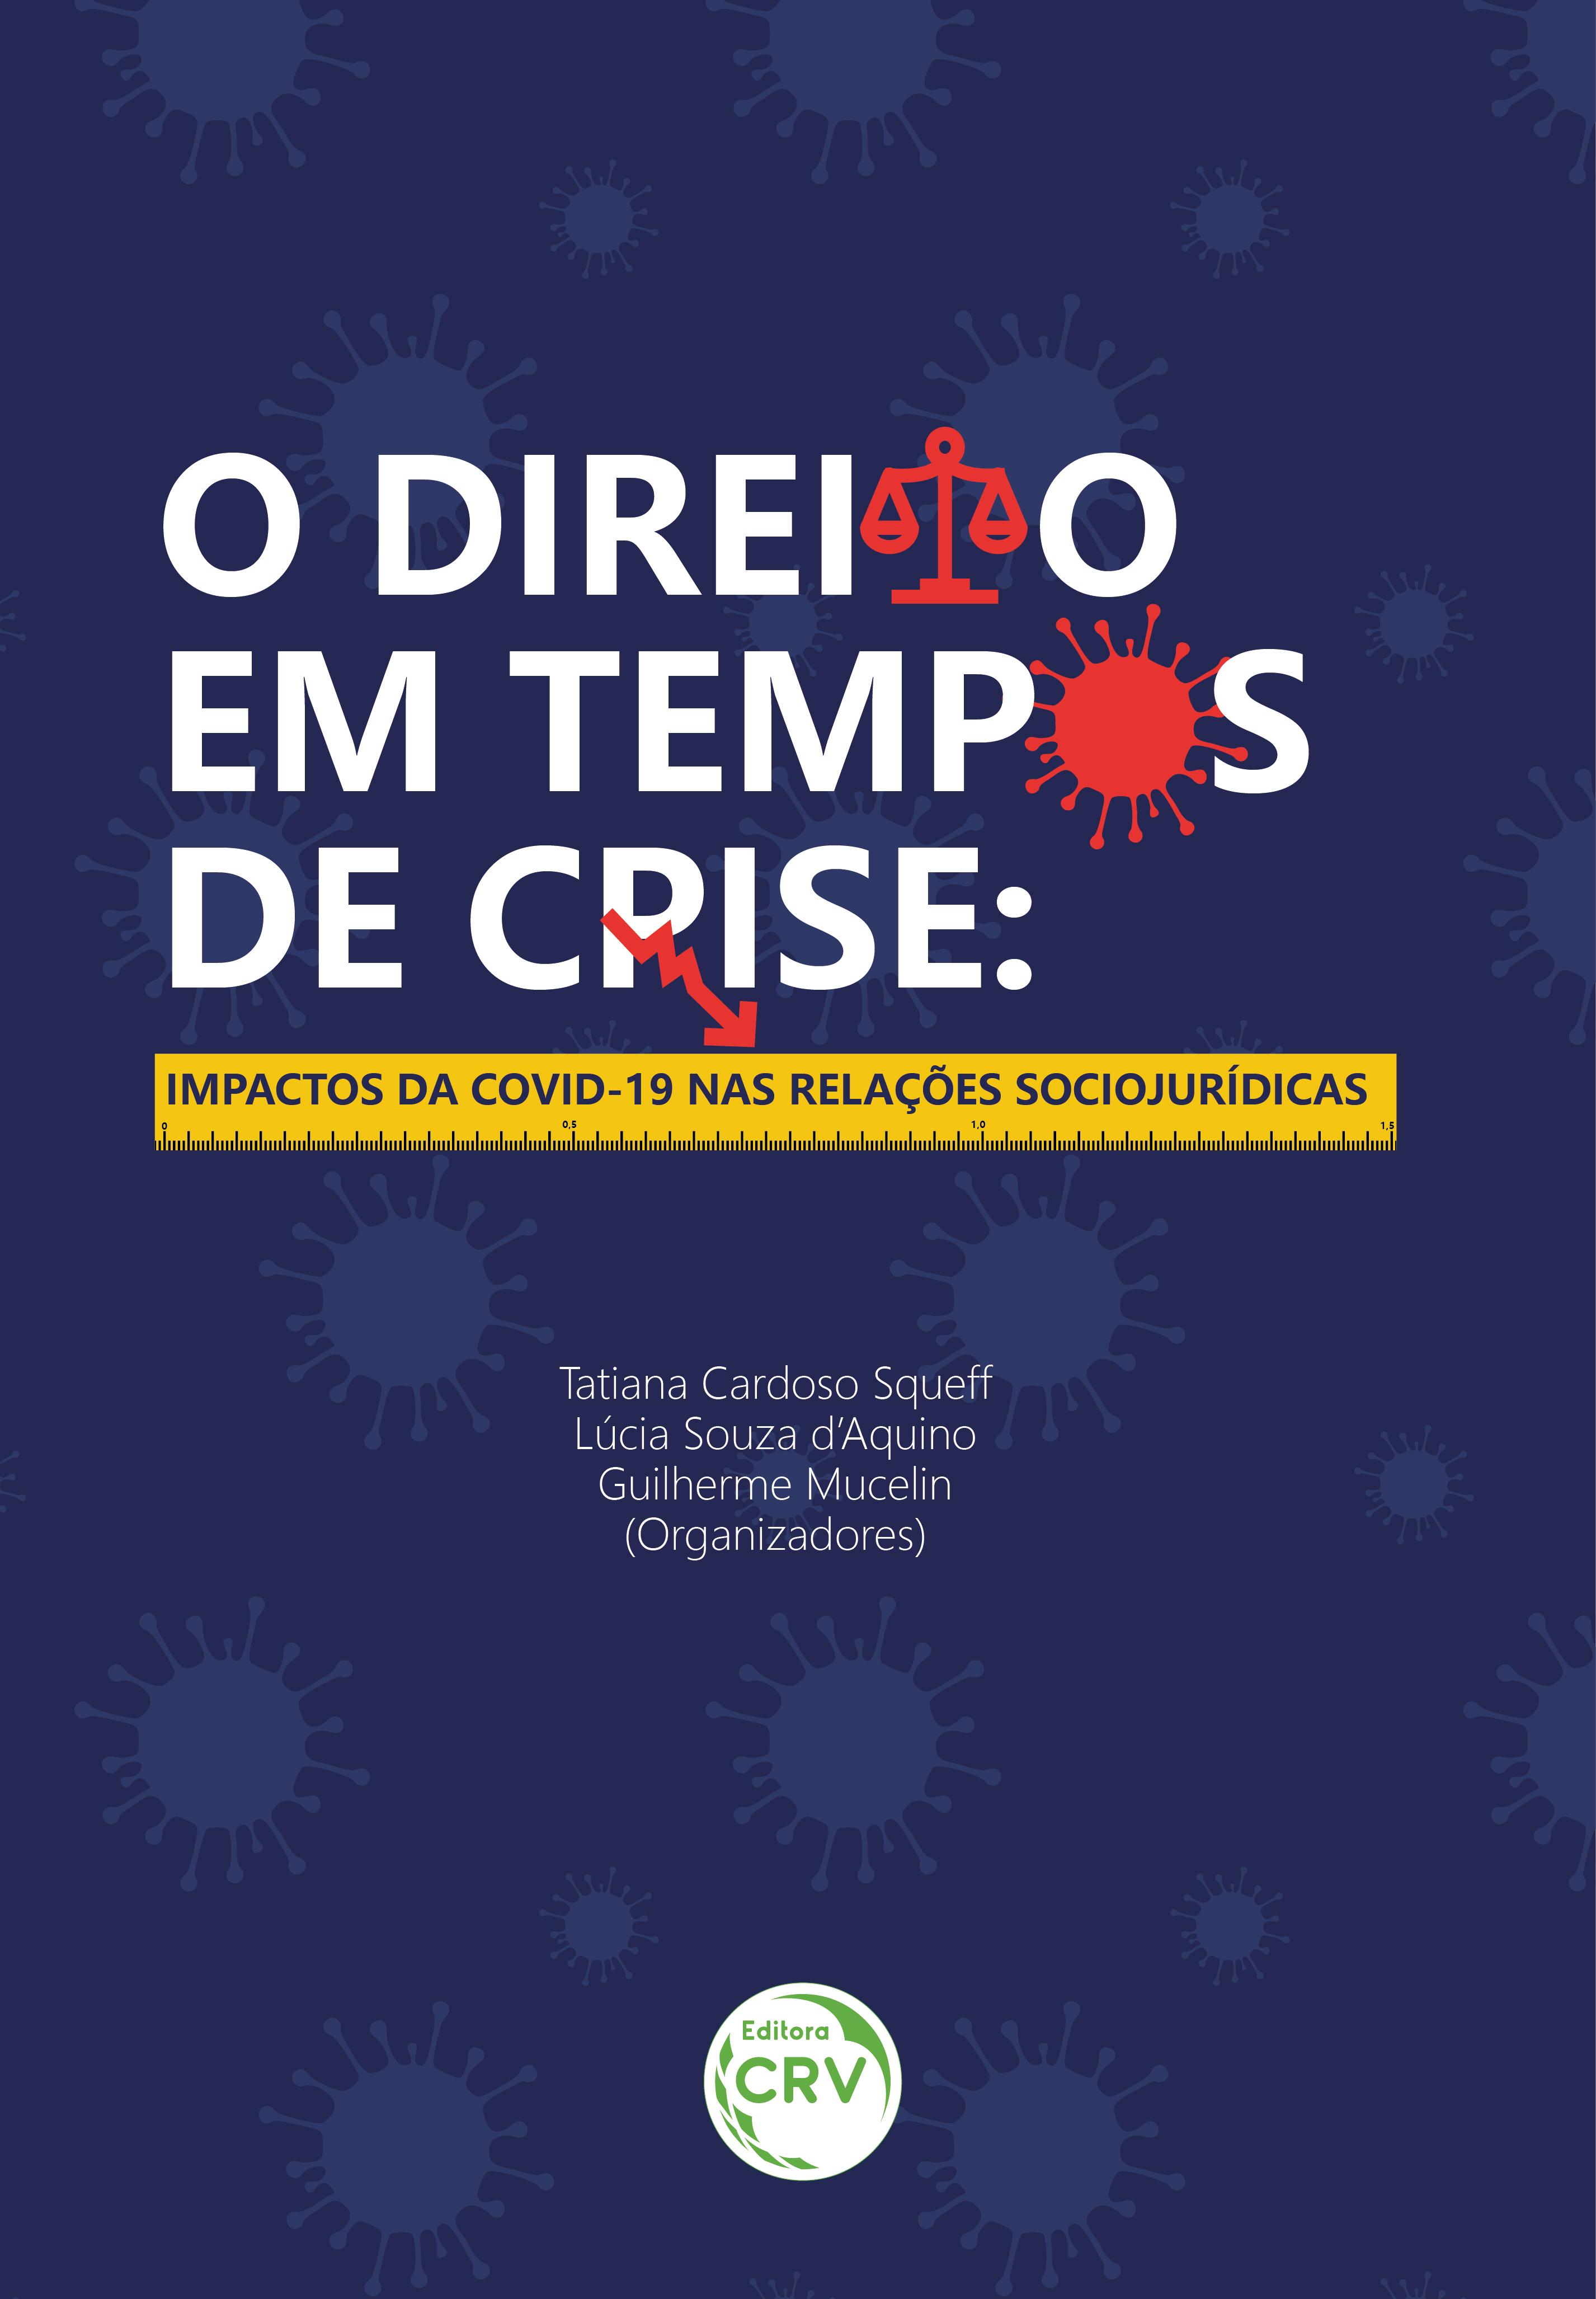 Capa do livro: O DIREITO EM TEMPOS DE CRISE: <br>impactos da Covid-19 nas relações sociojurídicas